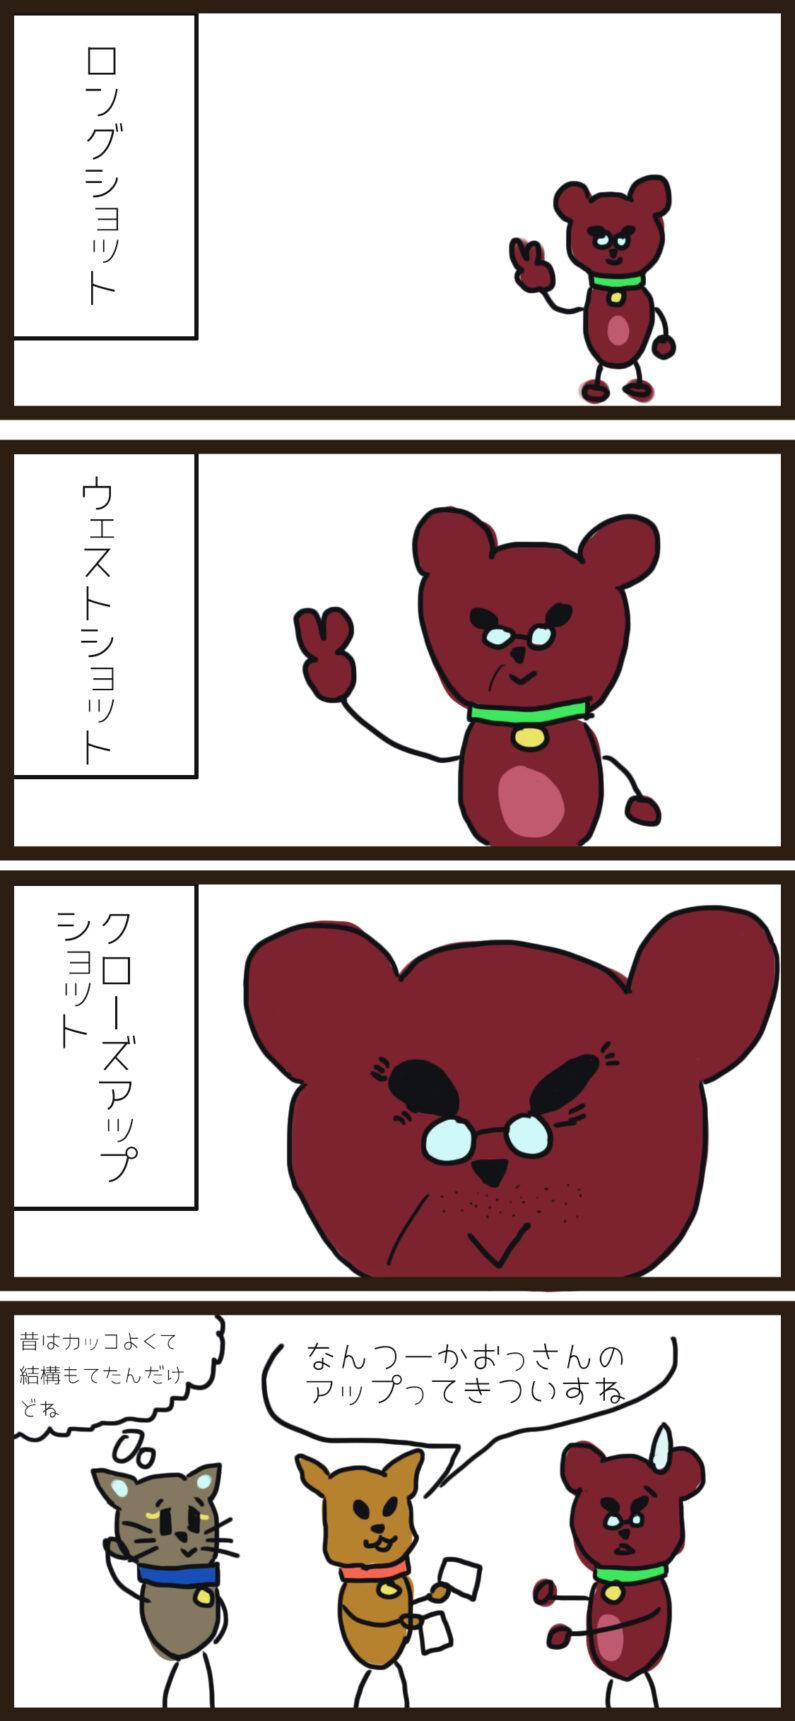 映像の構図